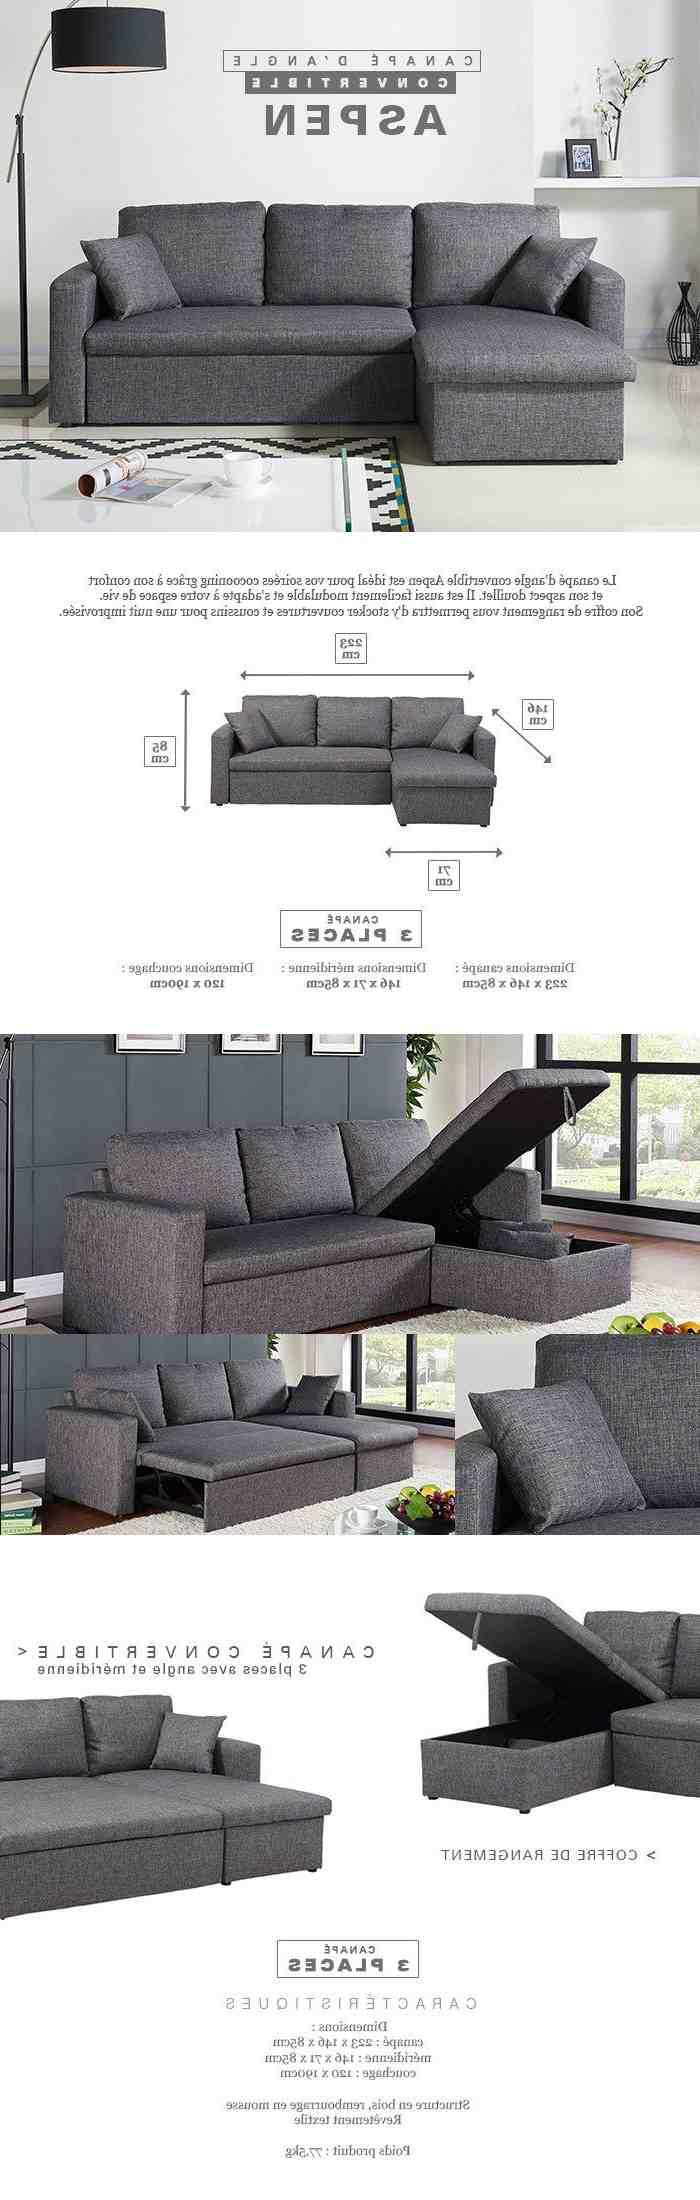 Comment savoir si un canapé est confortable?